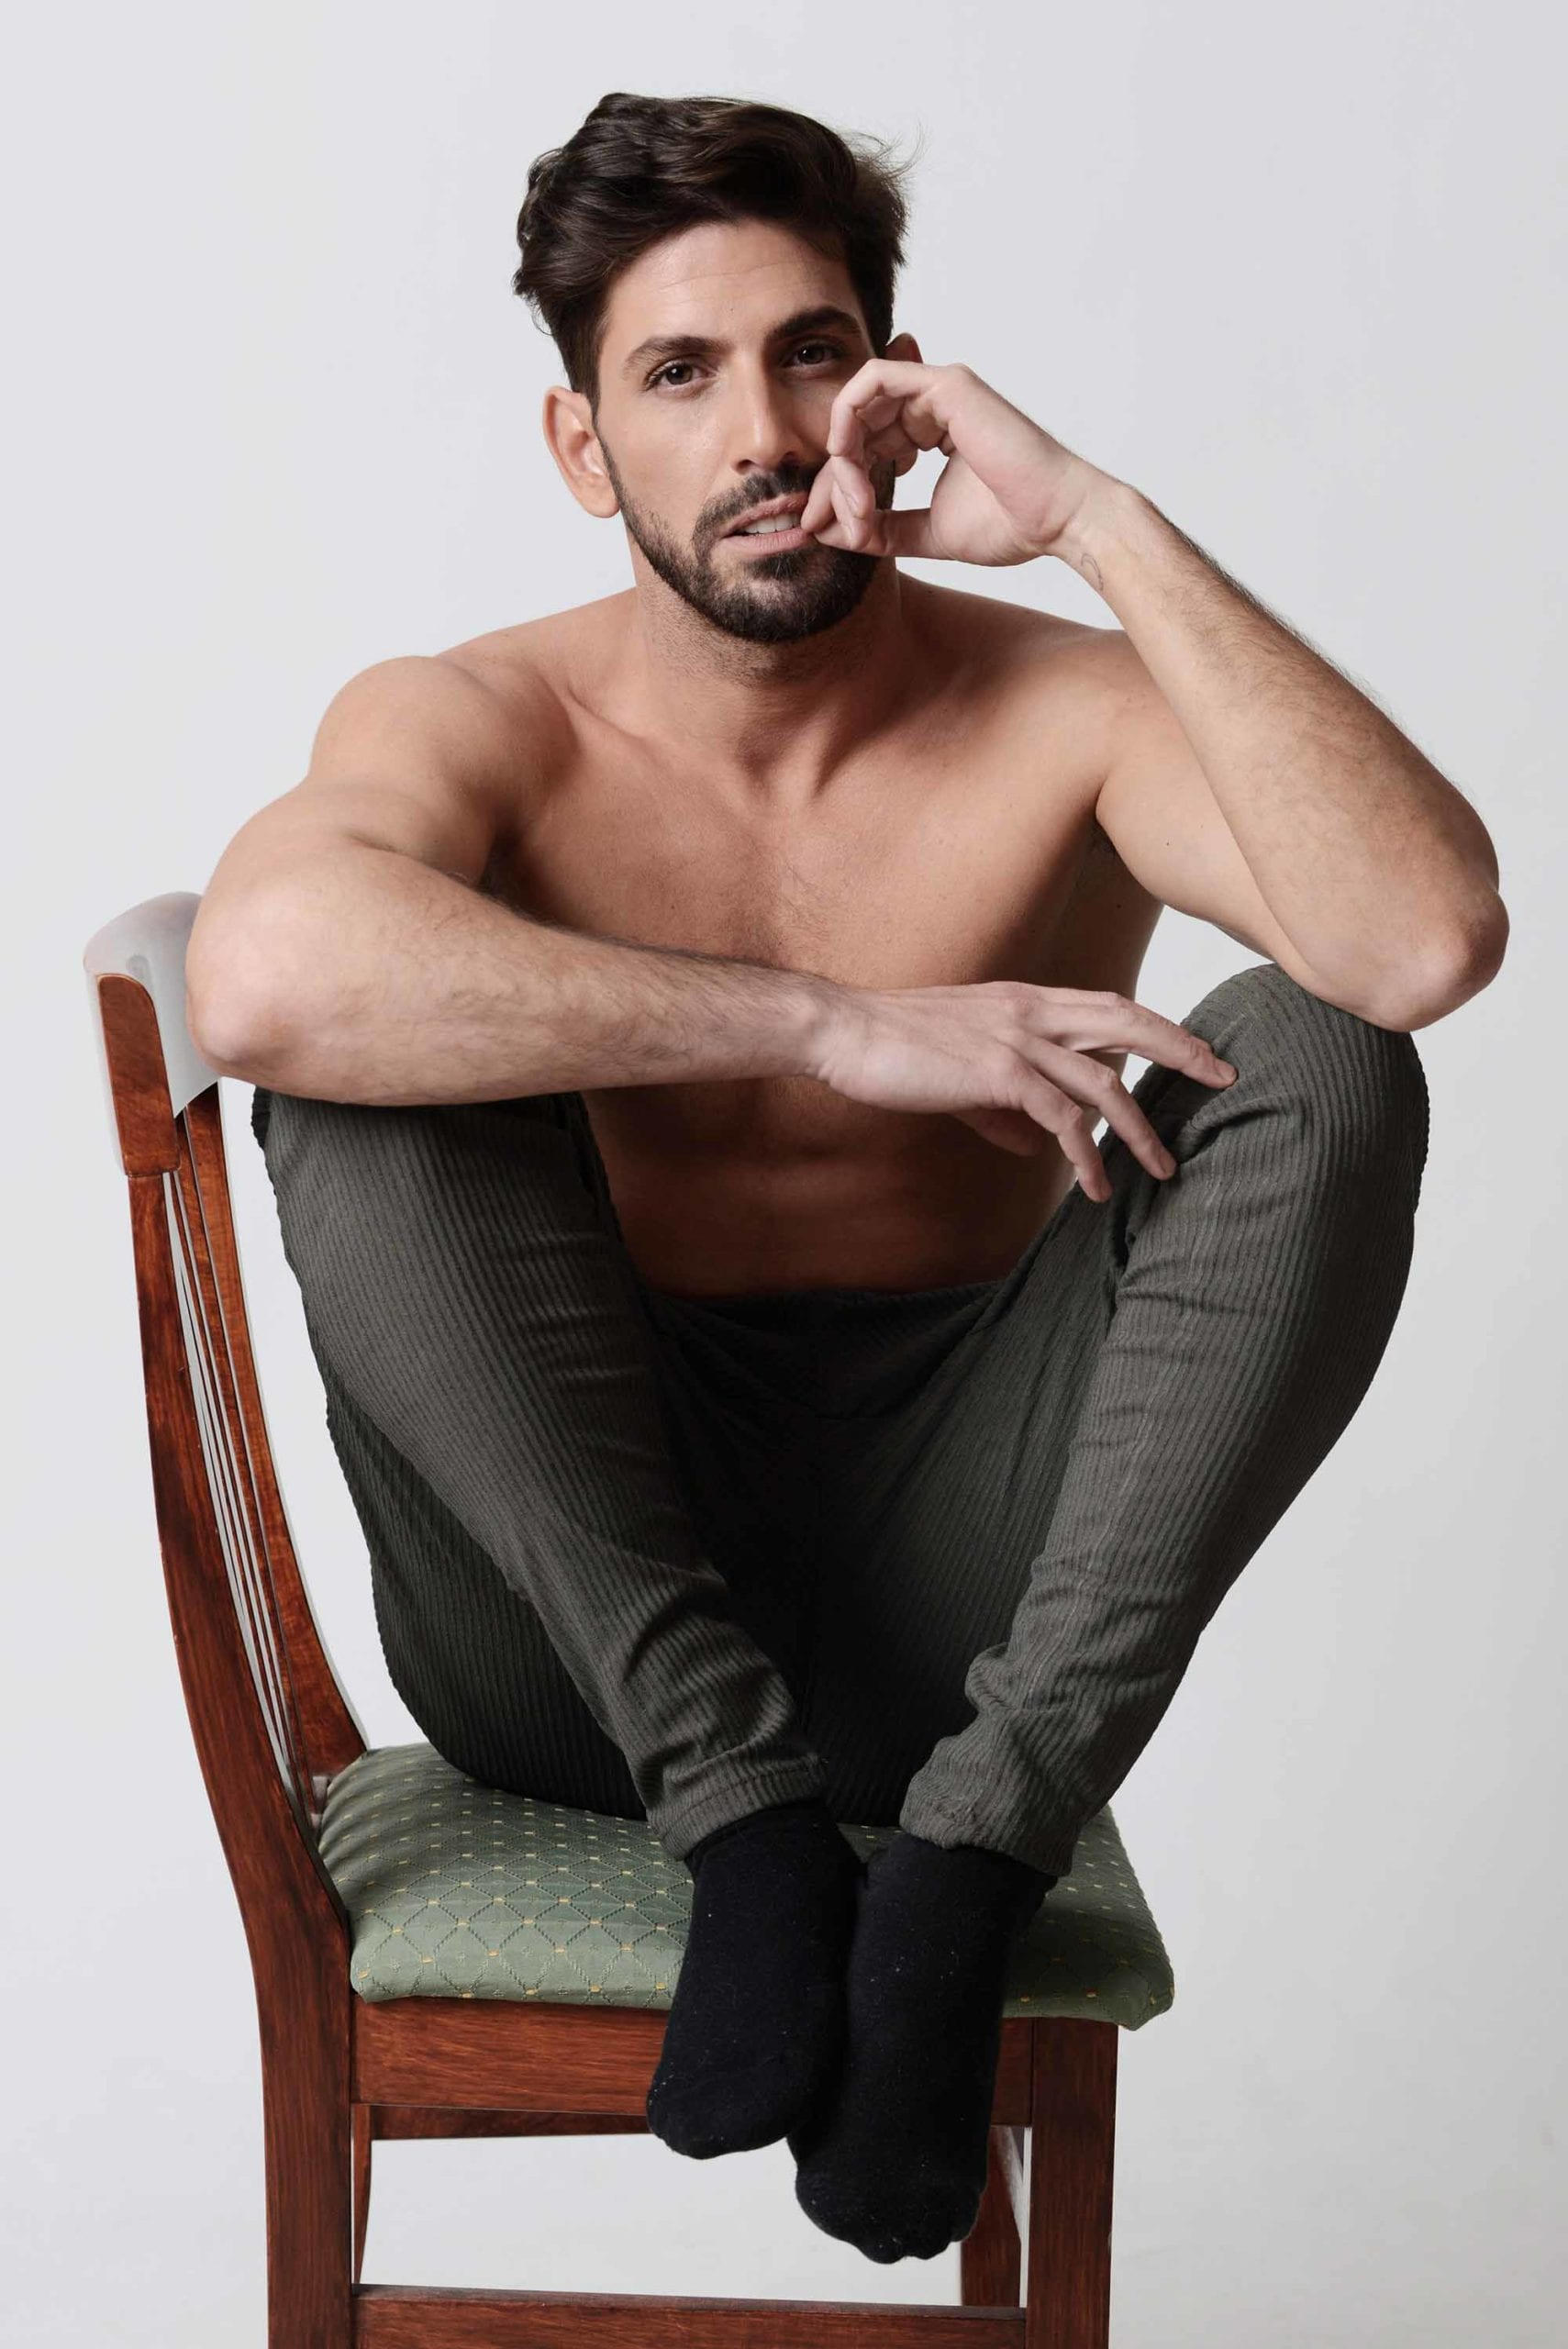 רותם ללוש, משה אהרון, מגזין אופנה, כתבות אופנה, FASHION, FASHION MAGAZINE ,חדשות האופנה - 18